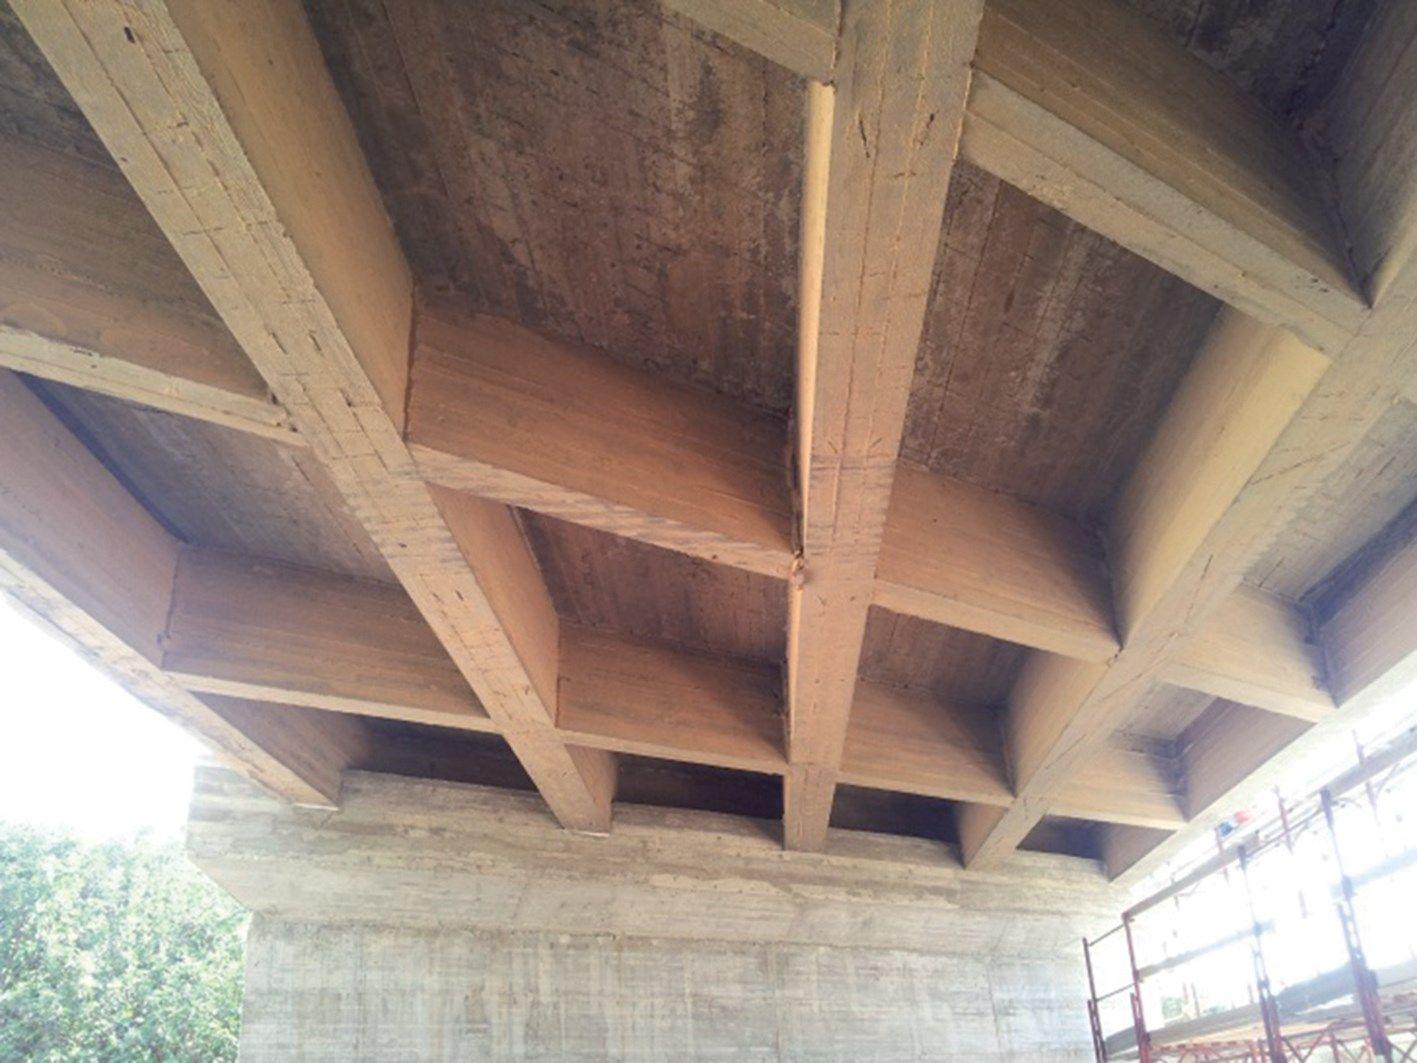 L'arte del rinforzo strutturale Ruregold per un ponte a Marina di Ragusa